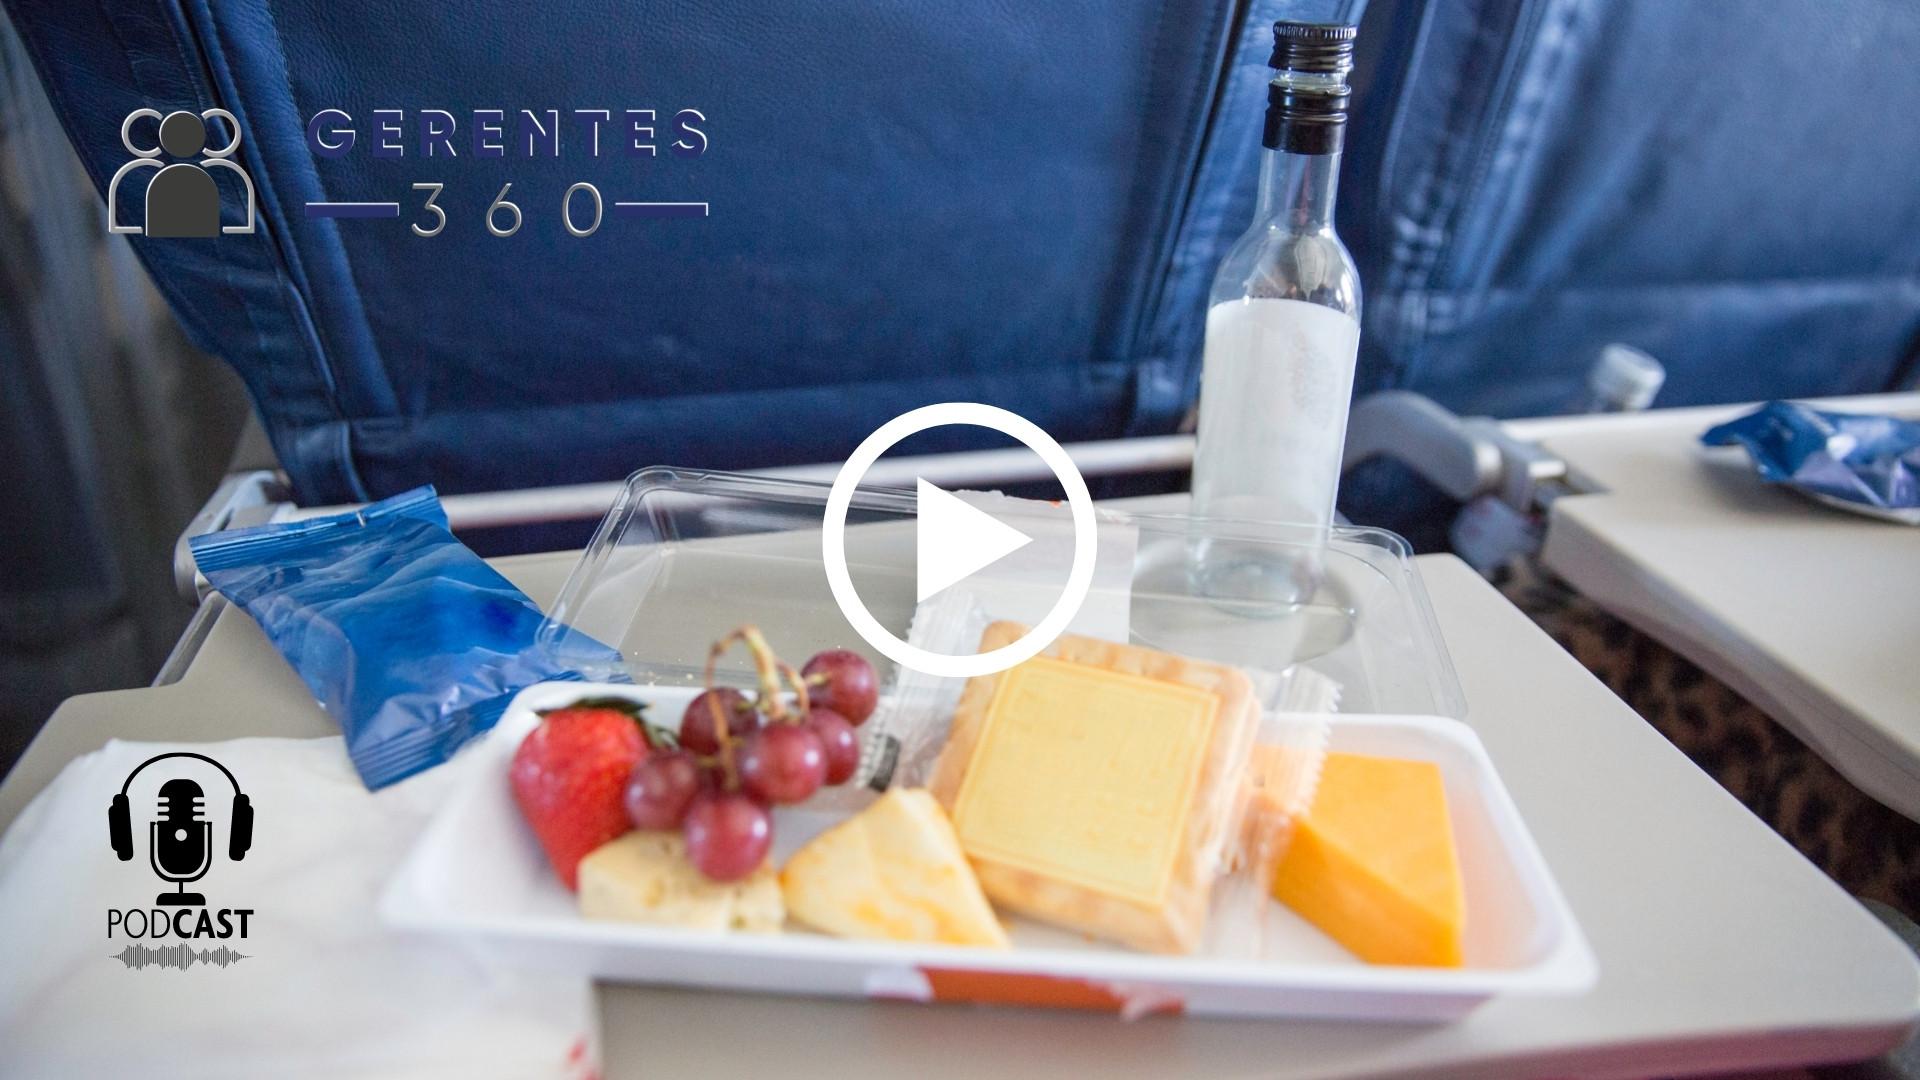 Posesión de Pedro Castillo como presidente de Perú y United Airlines permitirá a los pasajeros ordenar comida antes de sus vuelos